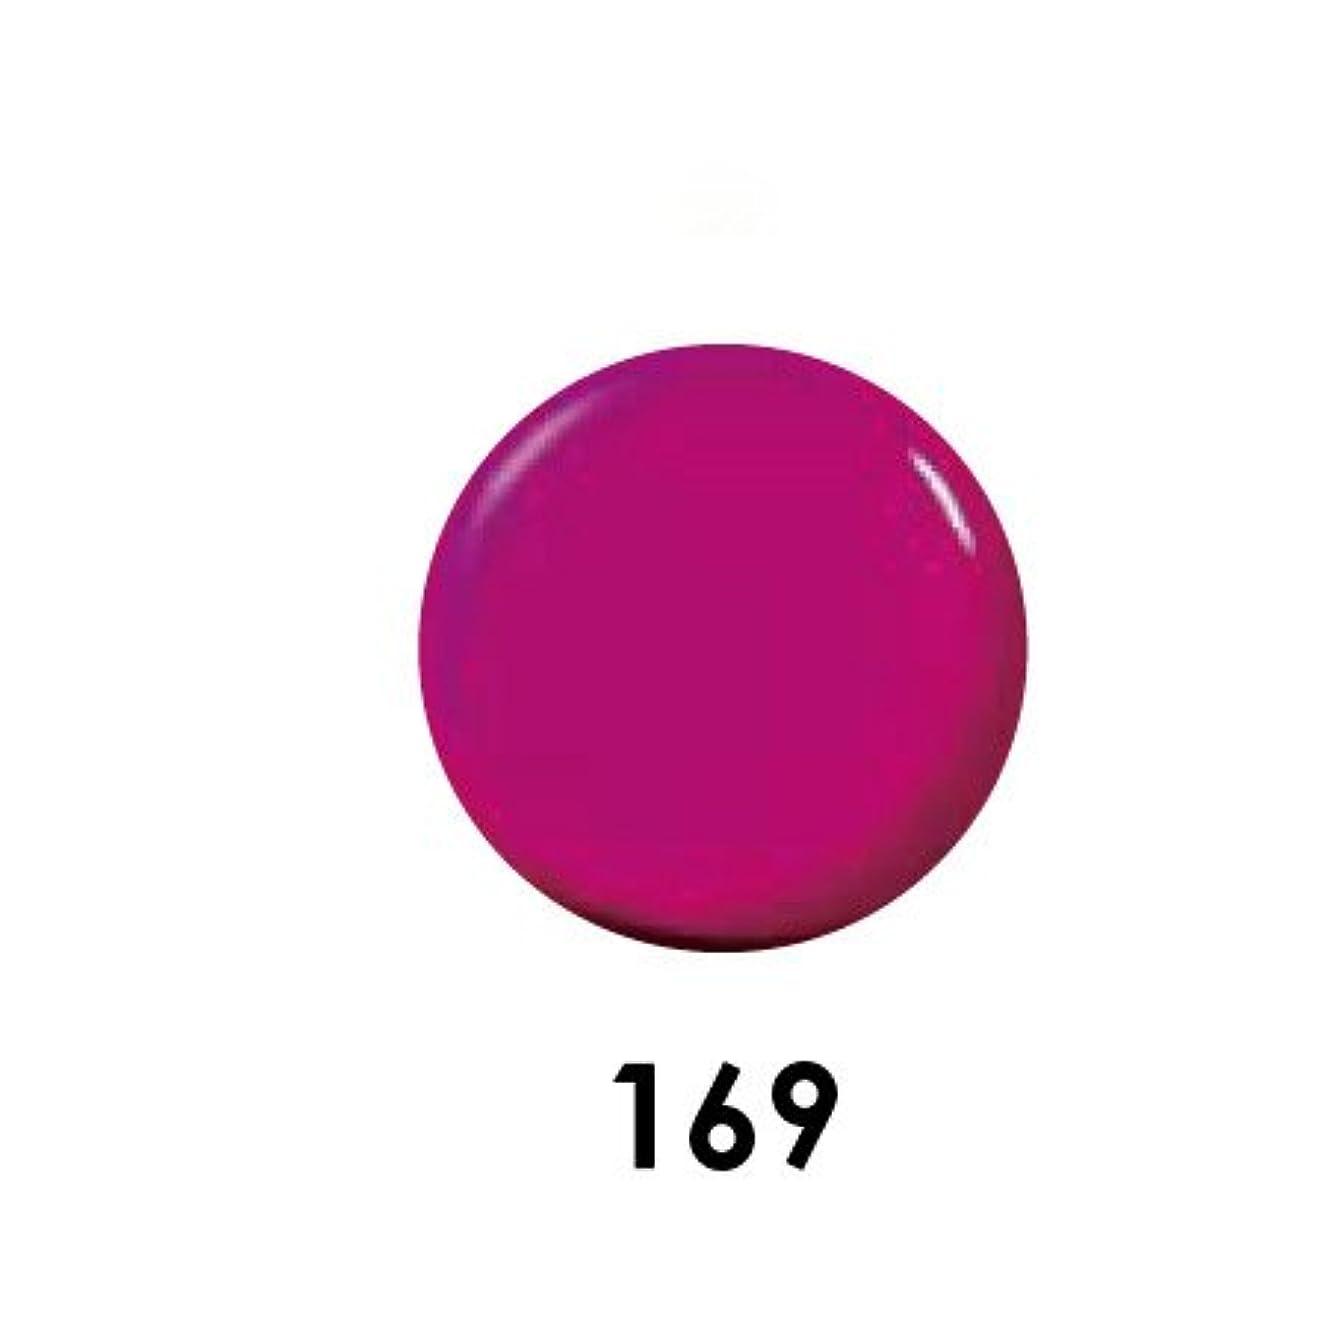 オレンジサイトライン囲むPutiel プティール カラージェル 169 ラテンピンク 2g (MARIEプロデュース)